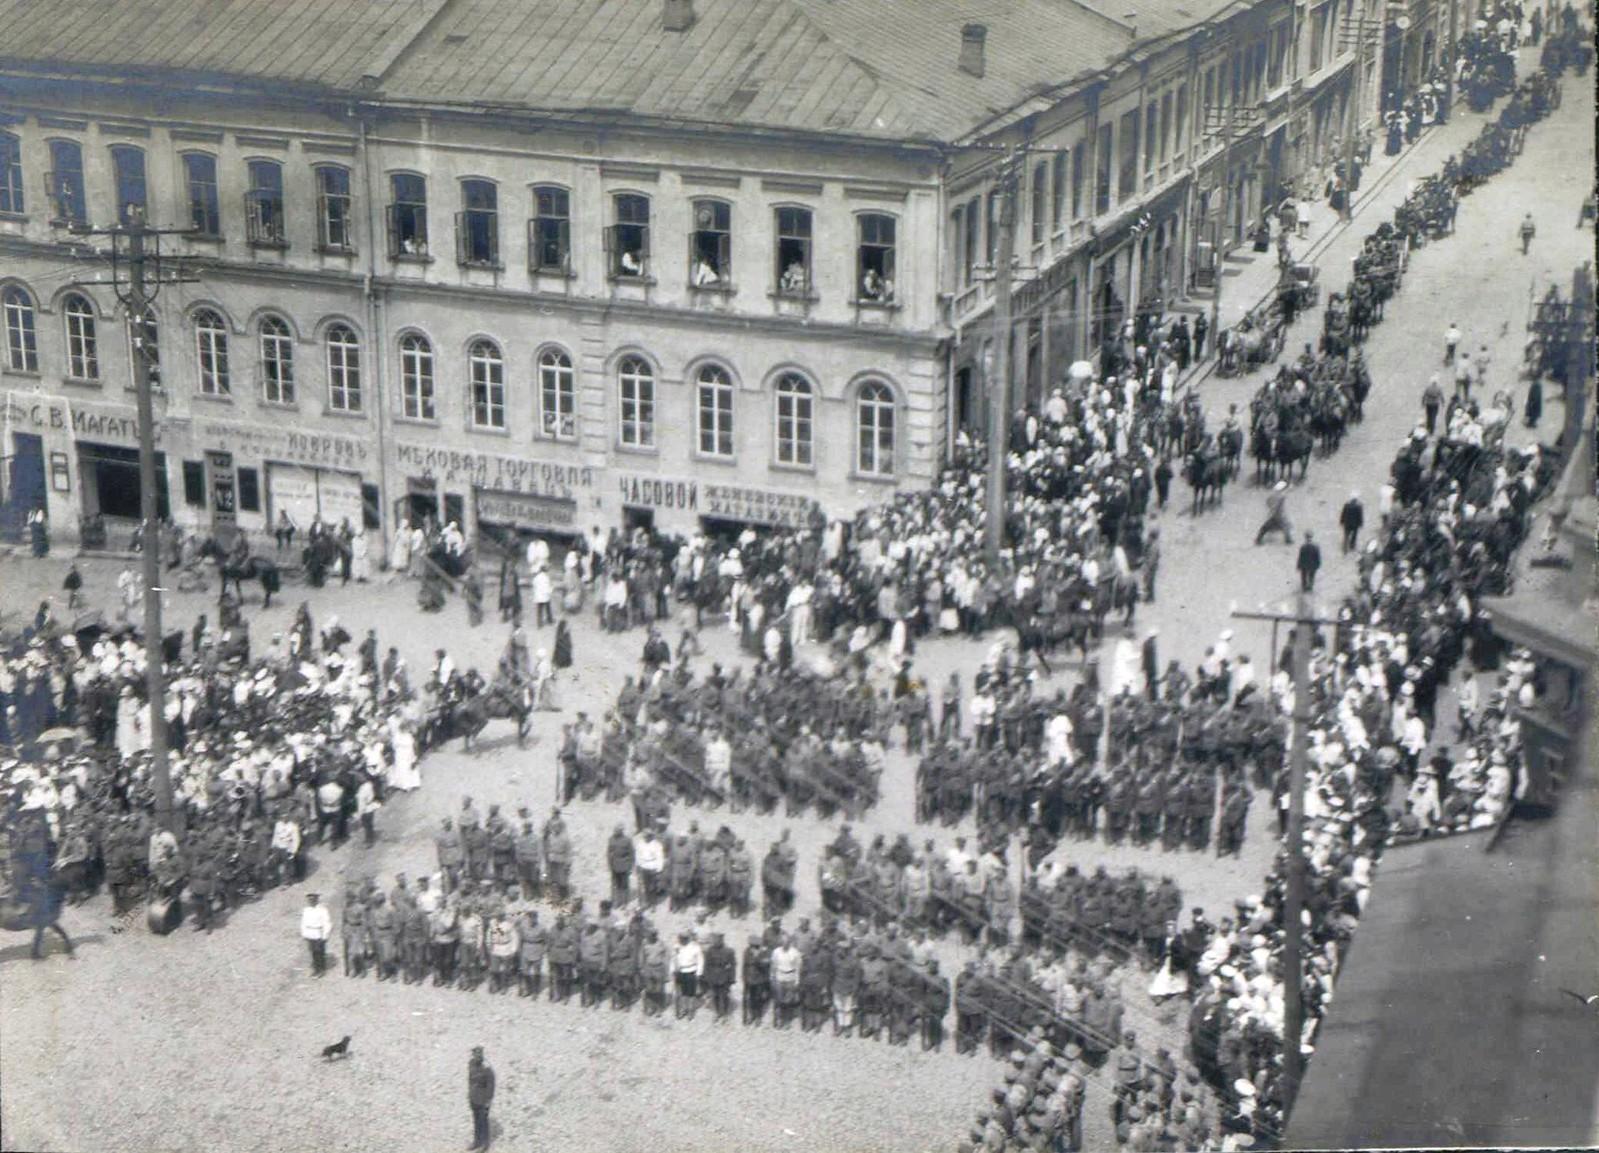 143. 1919. Панихида по павшим воинам в Харькове, июнь.